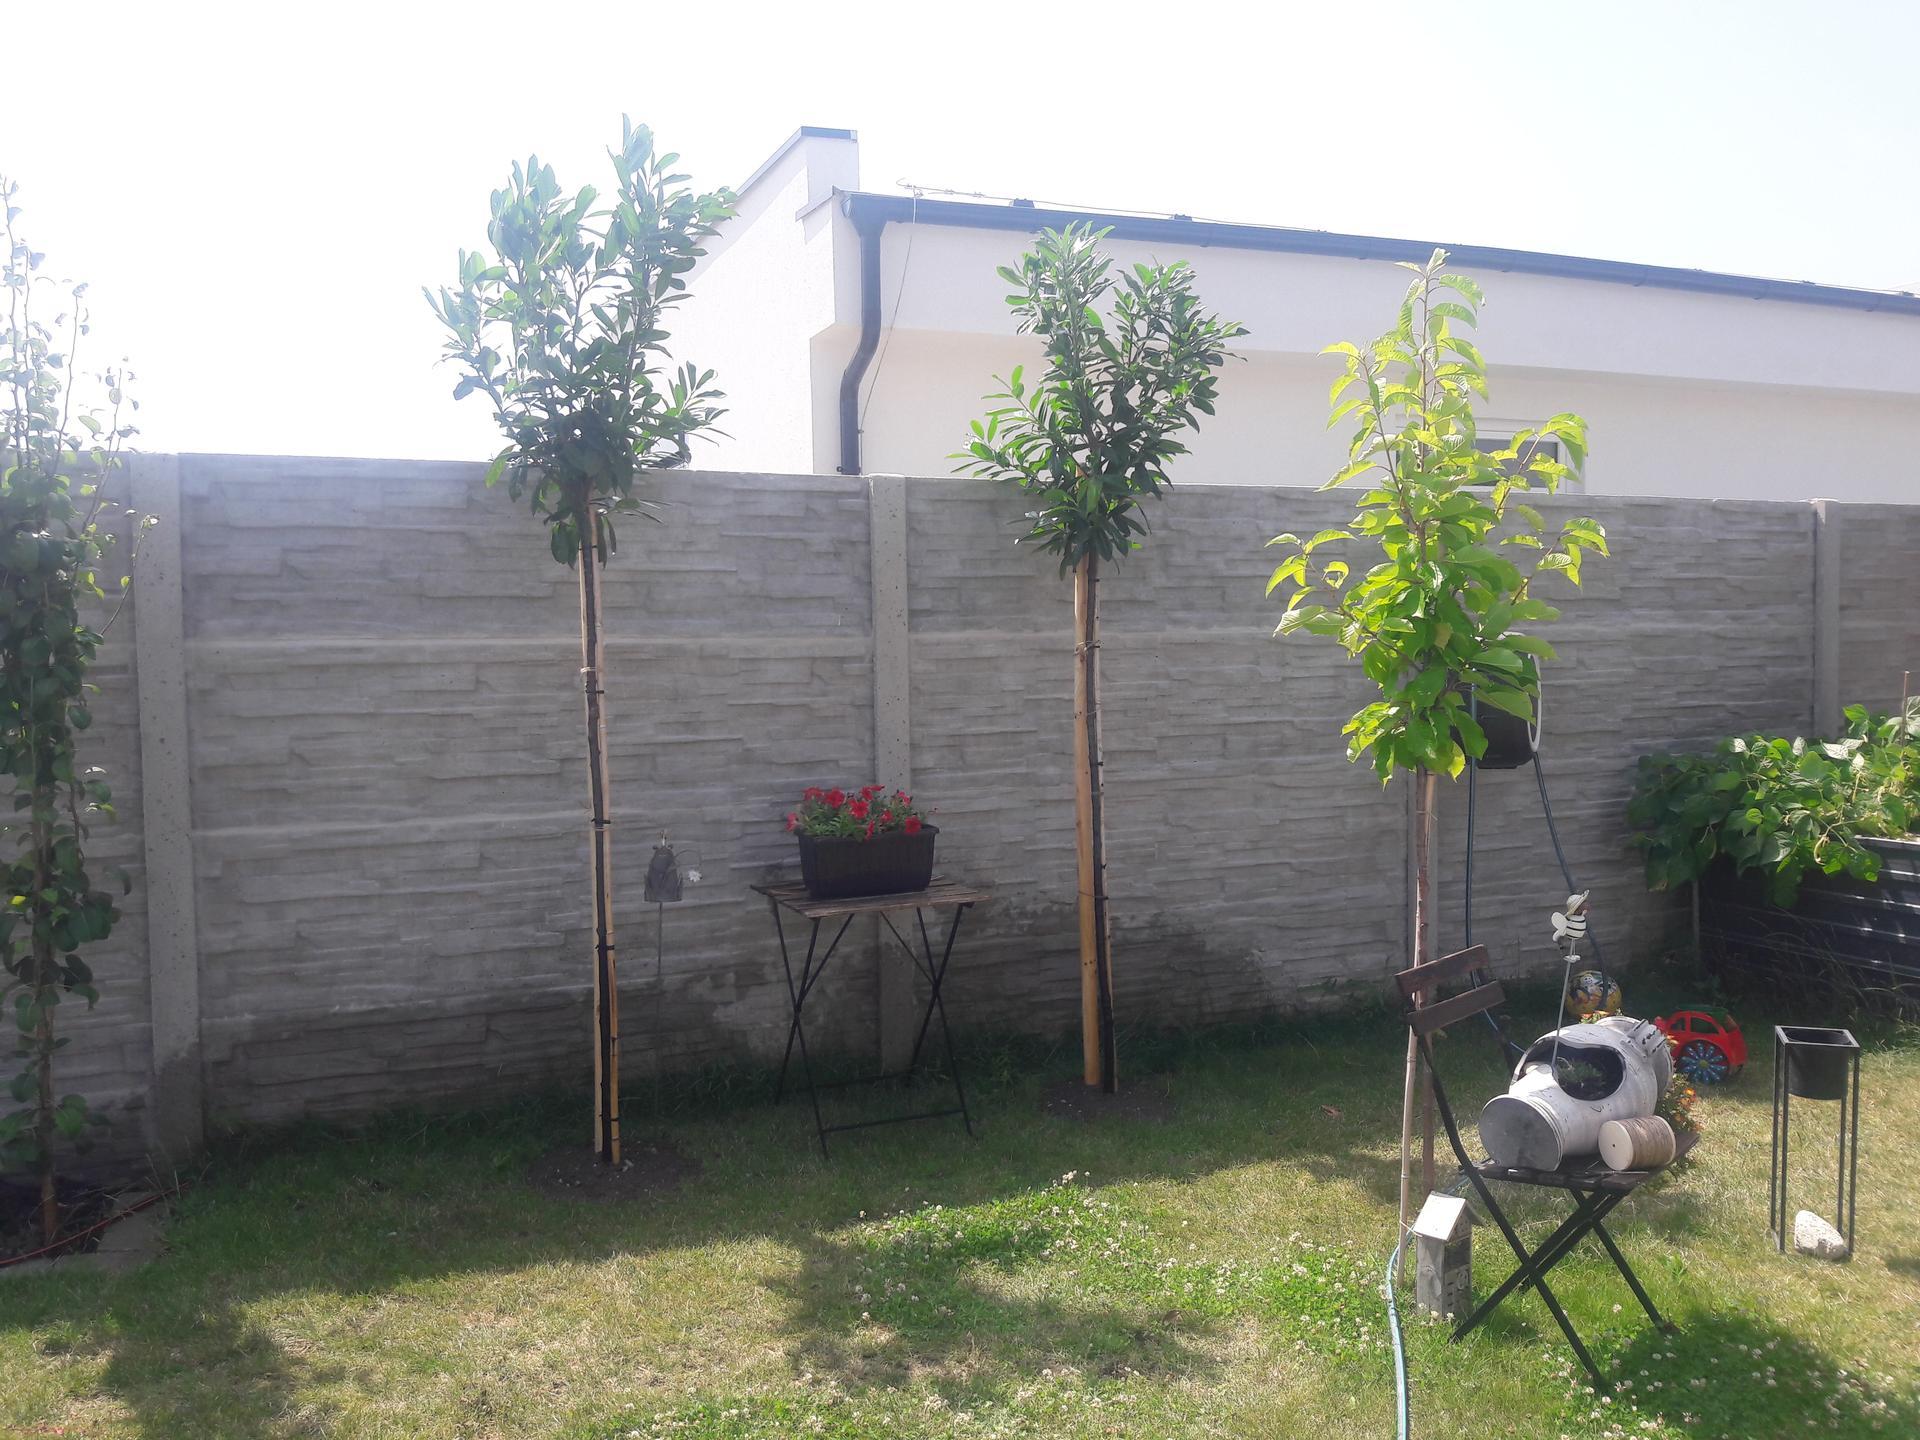 Záhrada 2021❤ - Obrázok č. 42